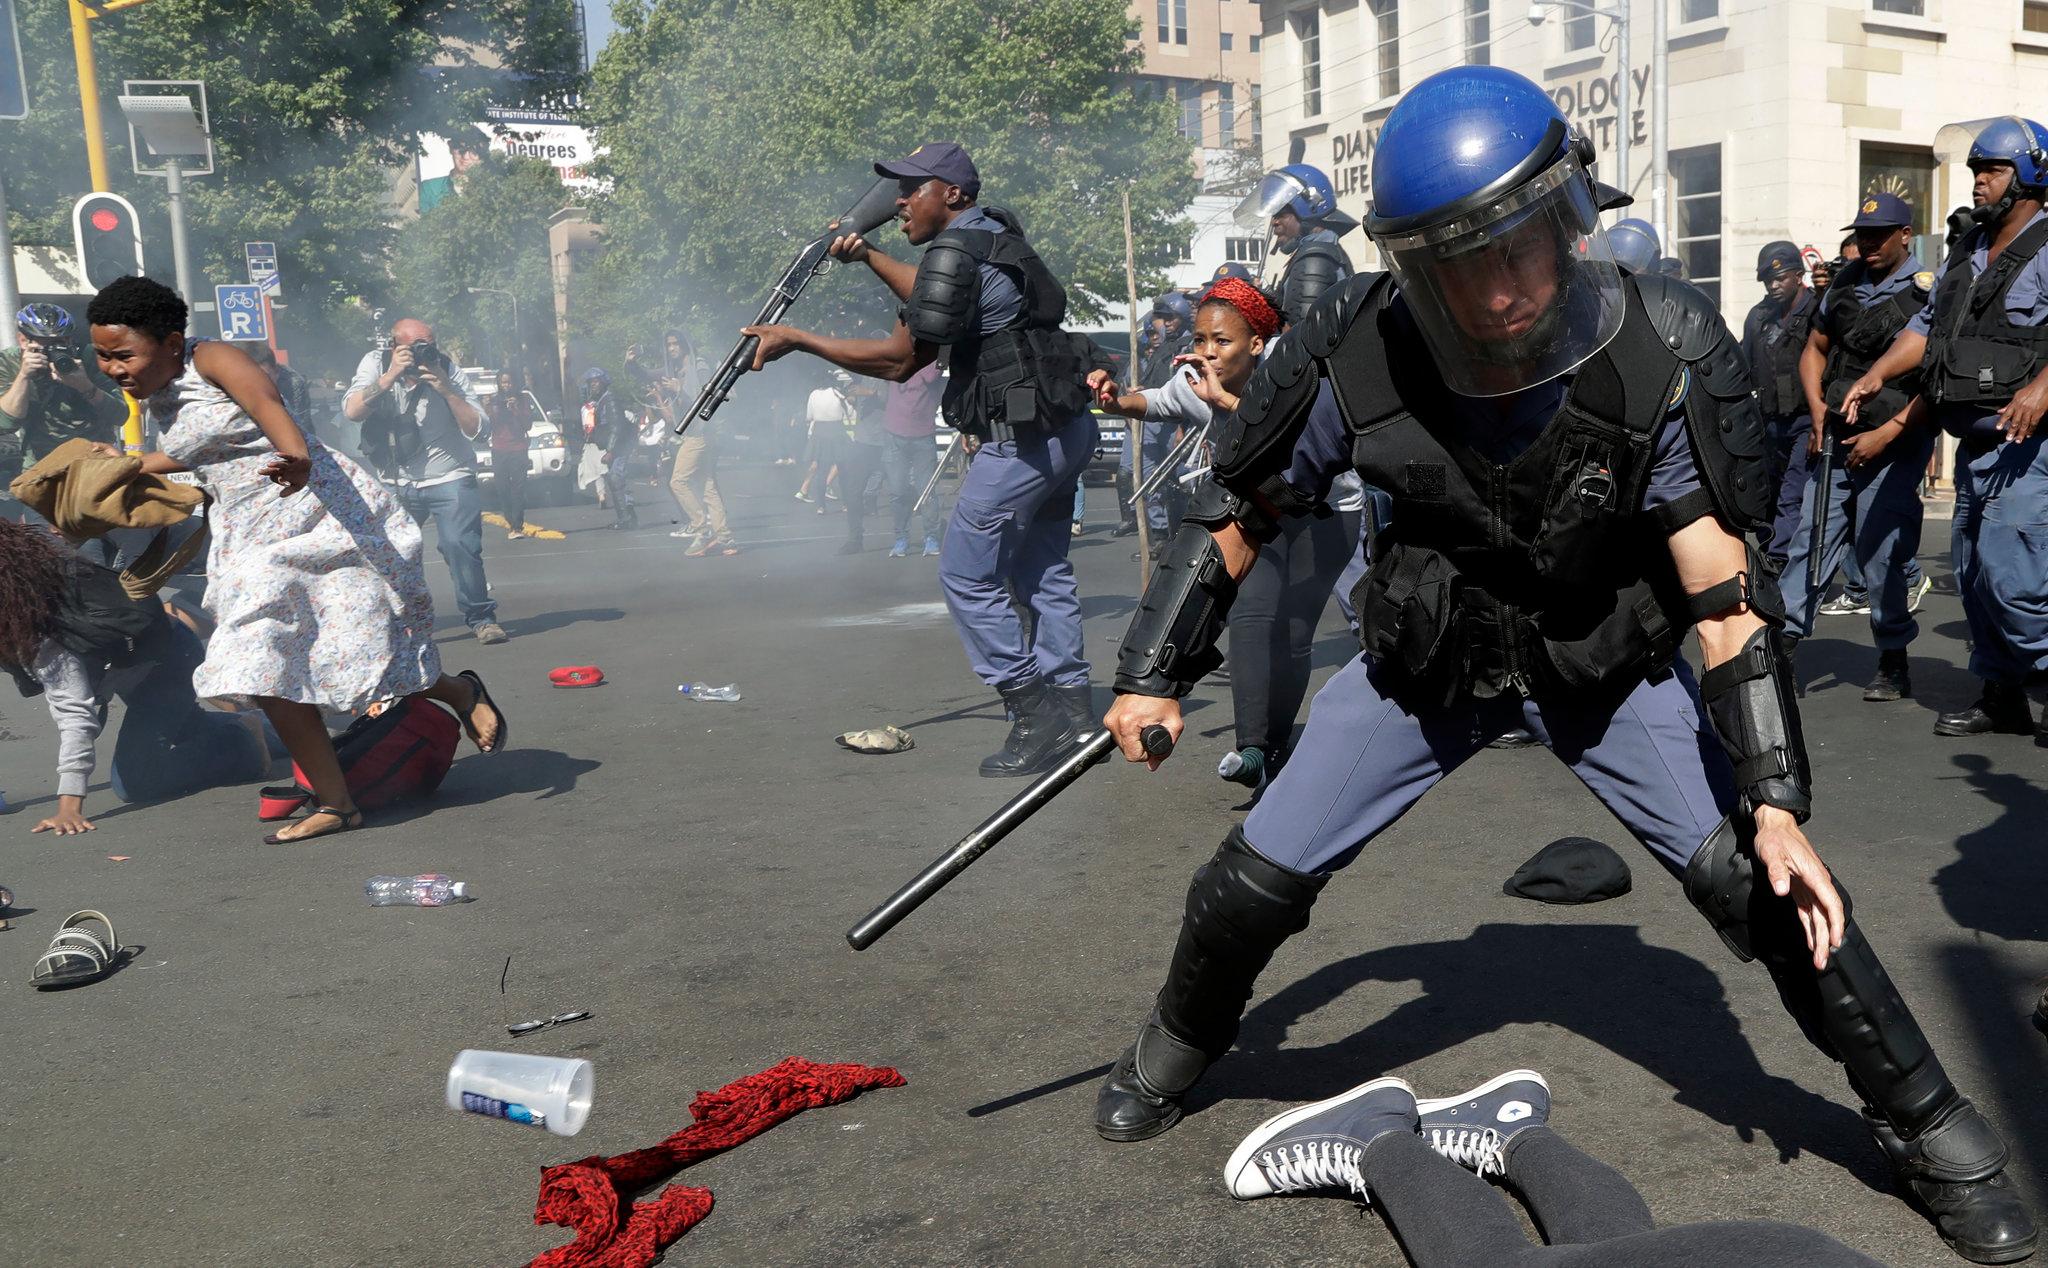 حصيلة أعمال العنف ترتفع إلى 215 قتيلا